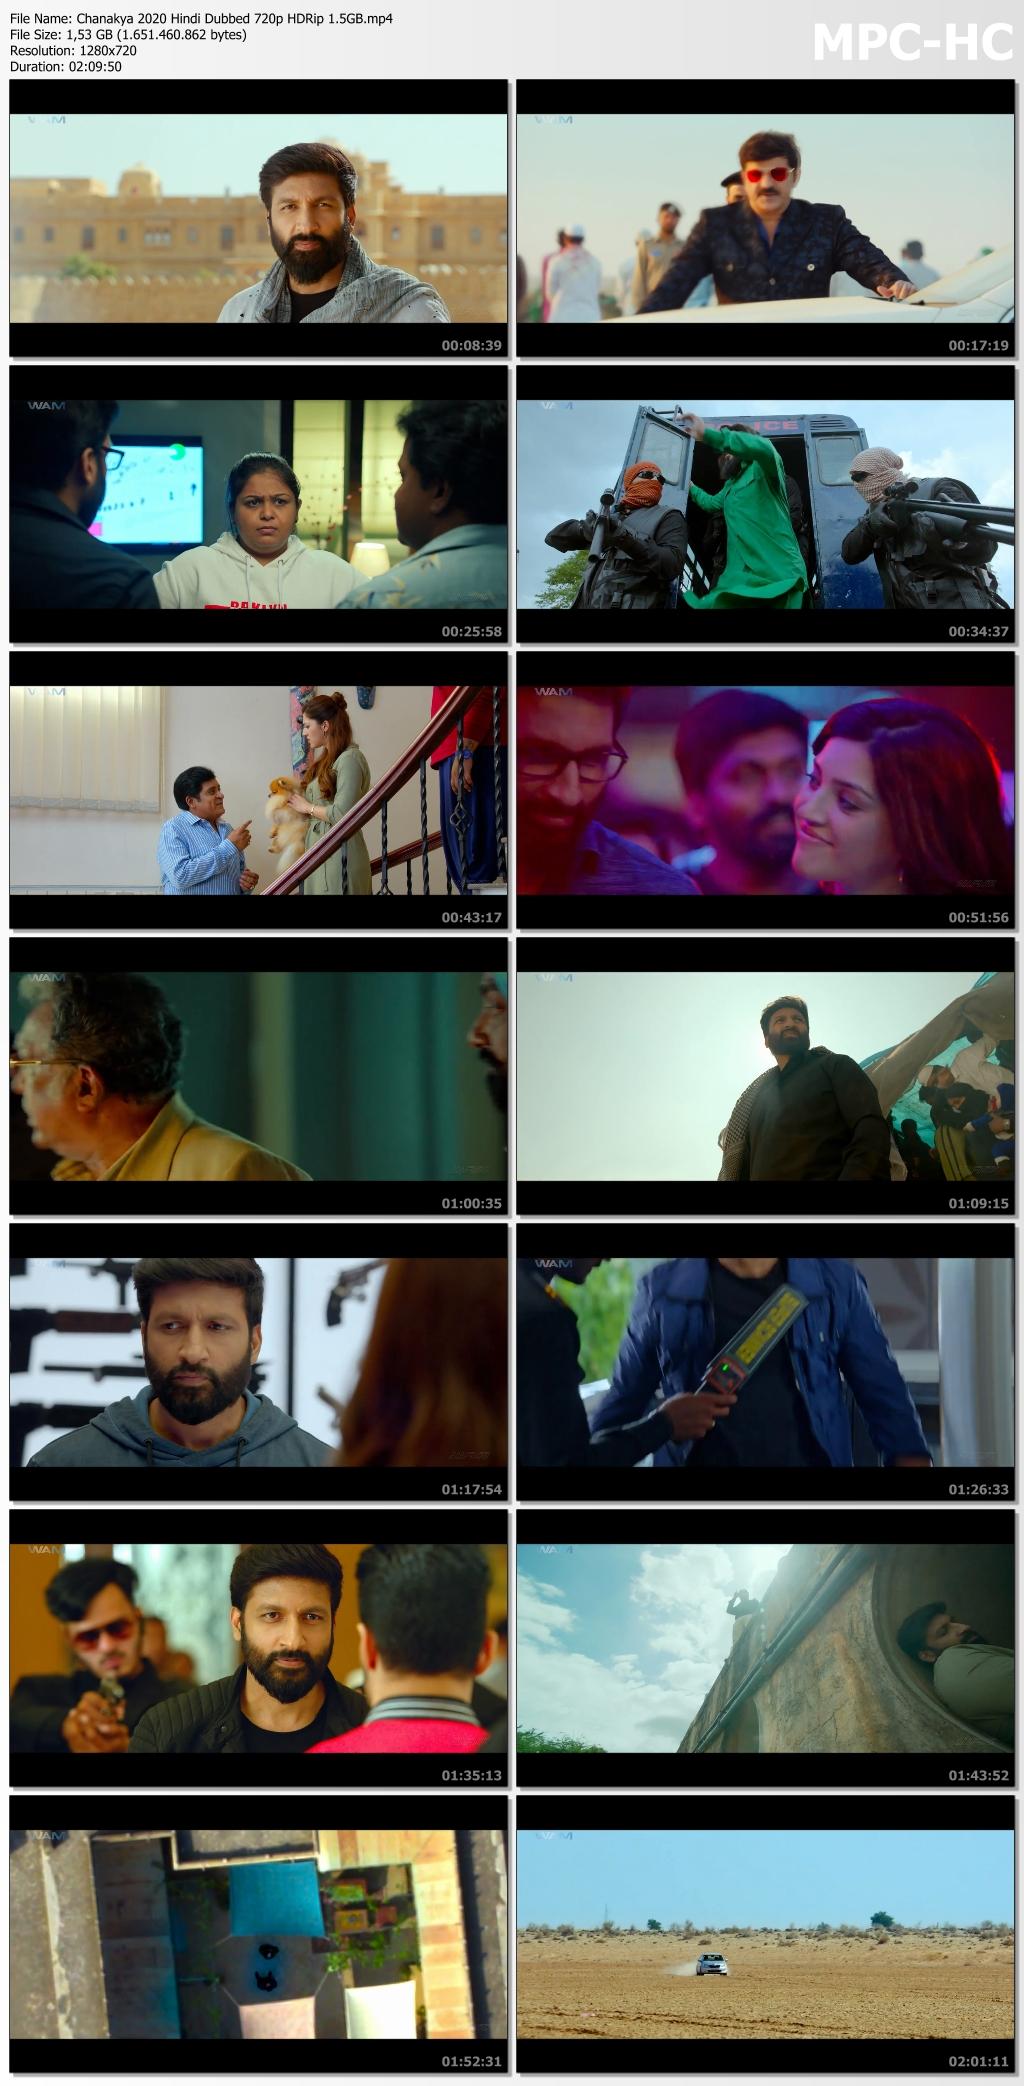 Chanakya-2020-Hindi-Dubbed-720p-HDRip-1-5-GB-mp4-thumbs